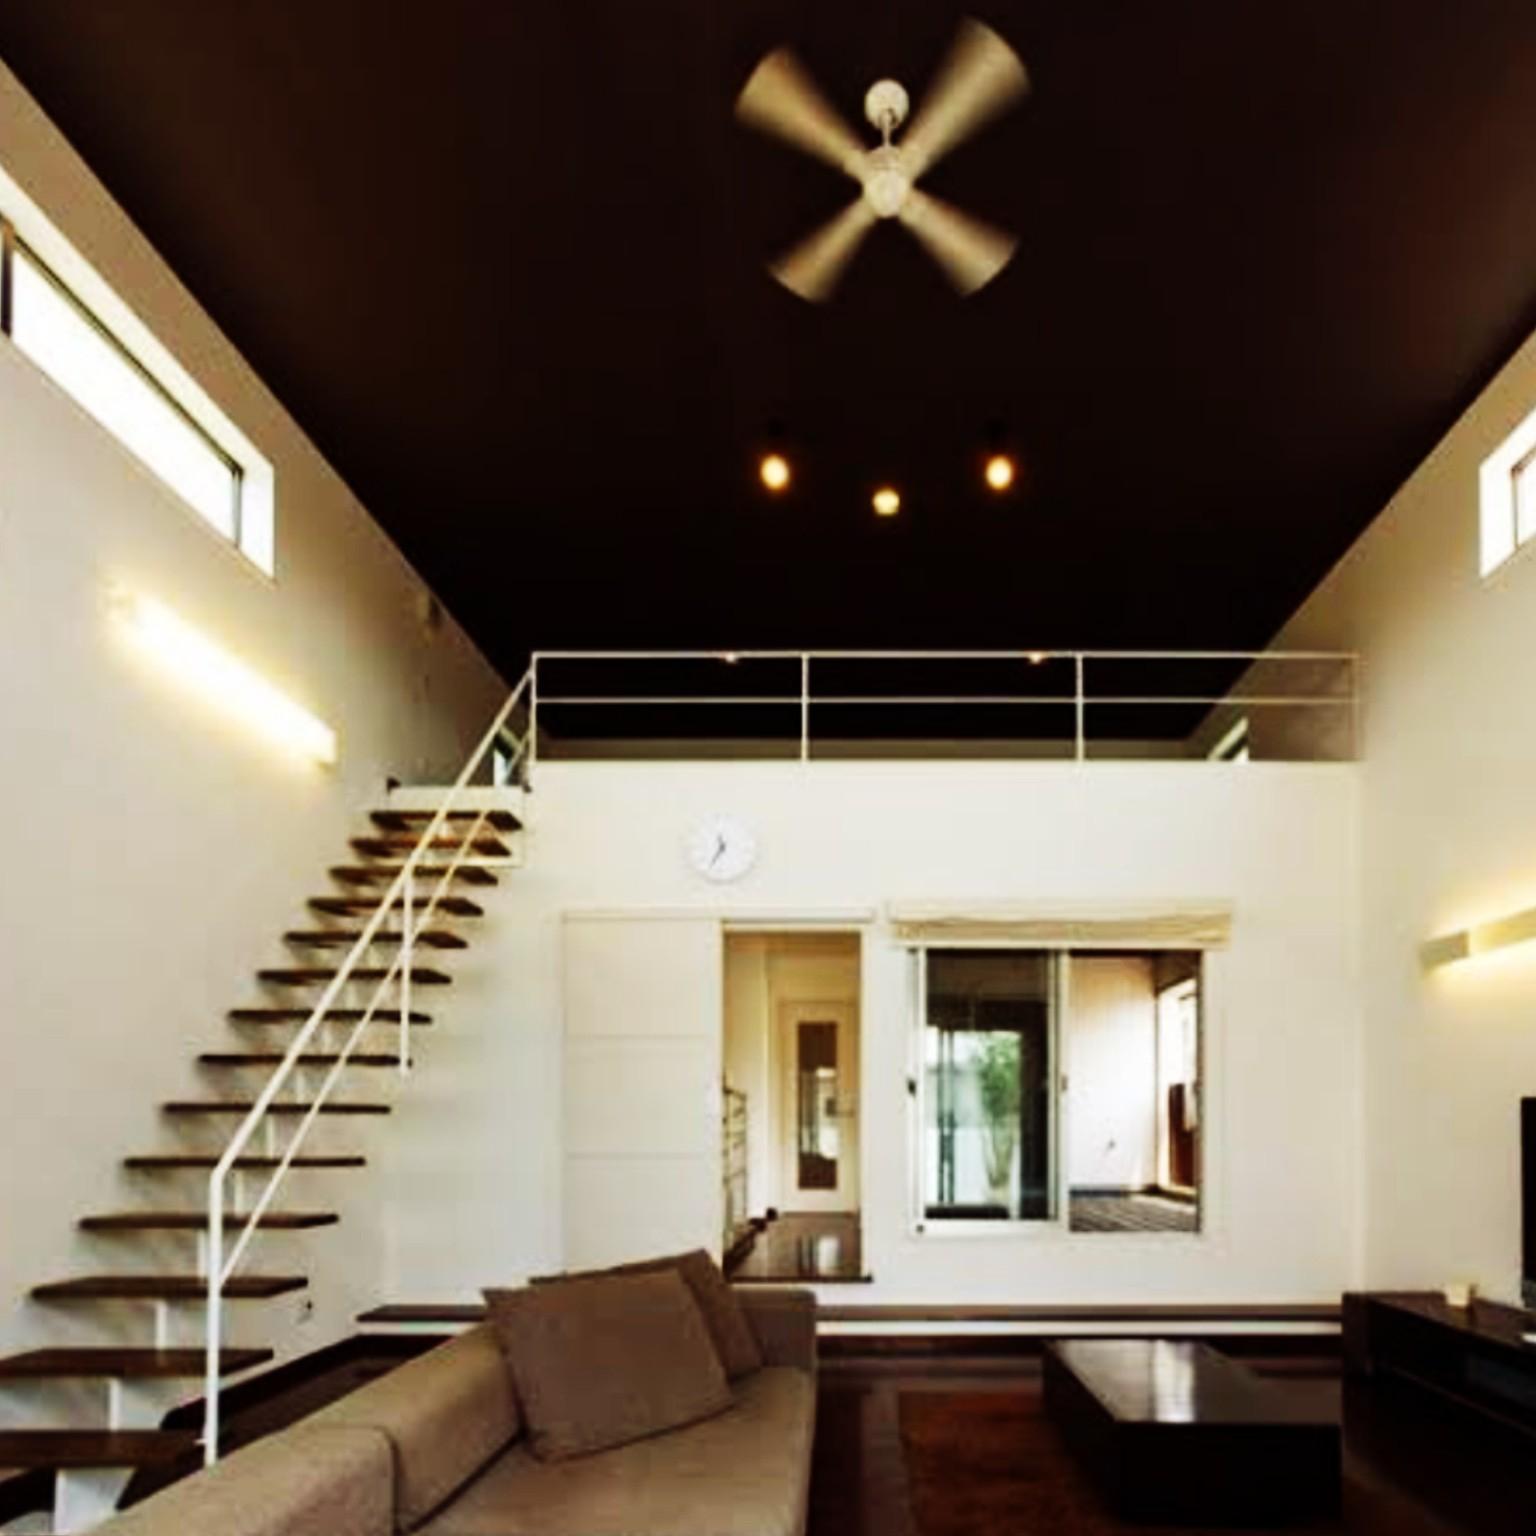 壁/天井のインテリア実例 - 2021-04-21 22:33:24